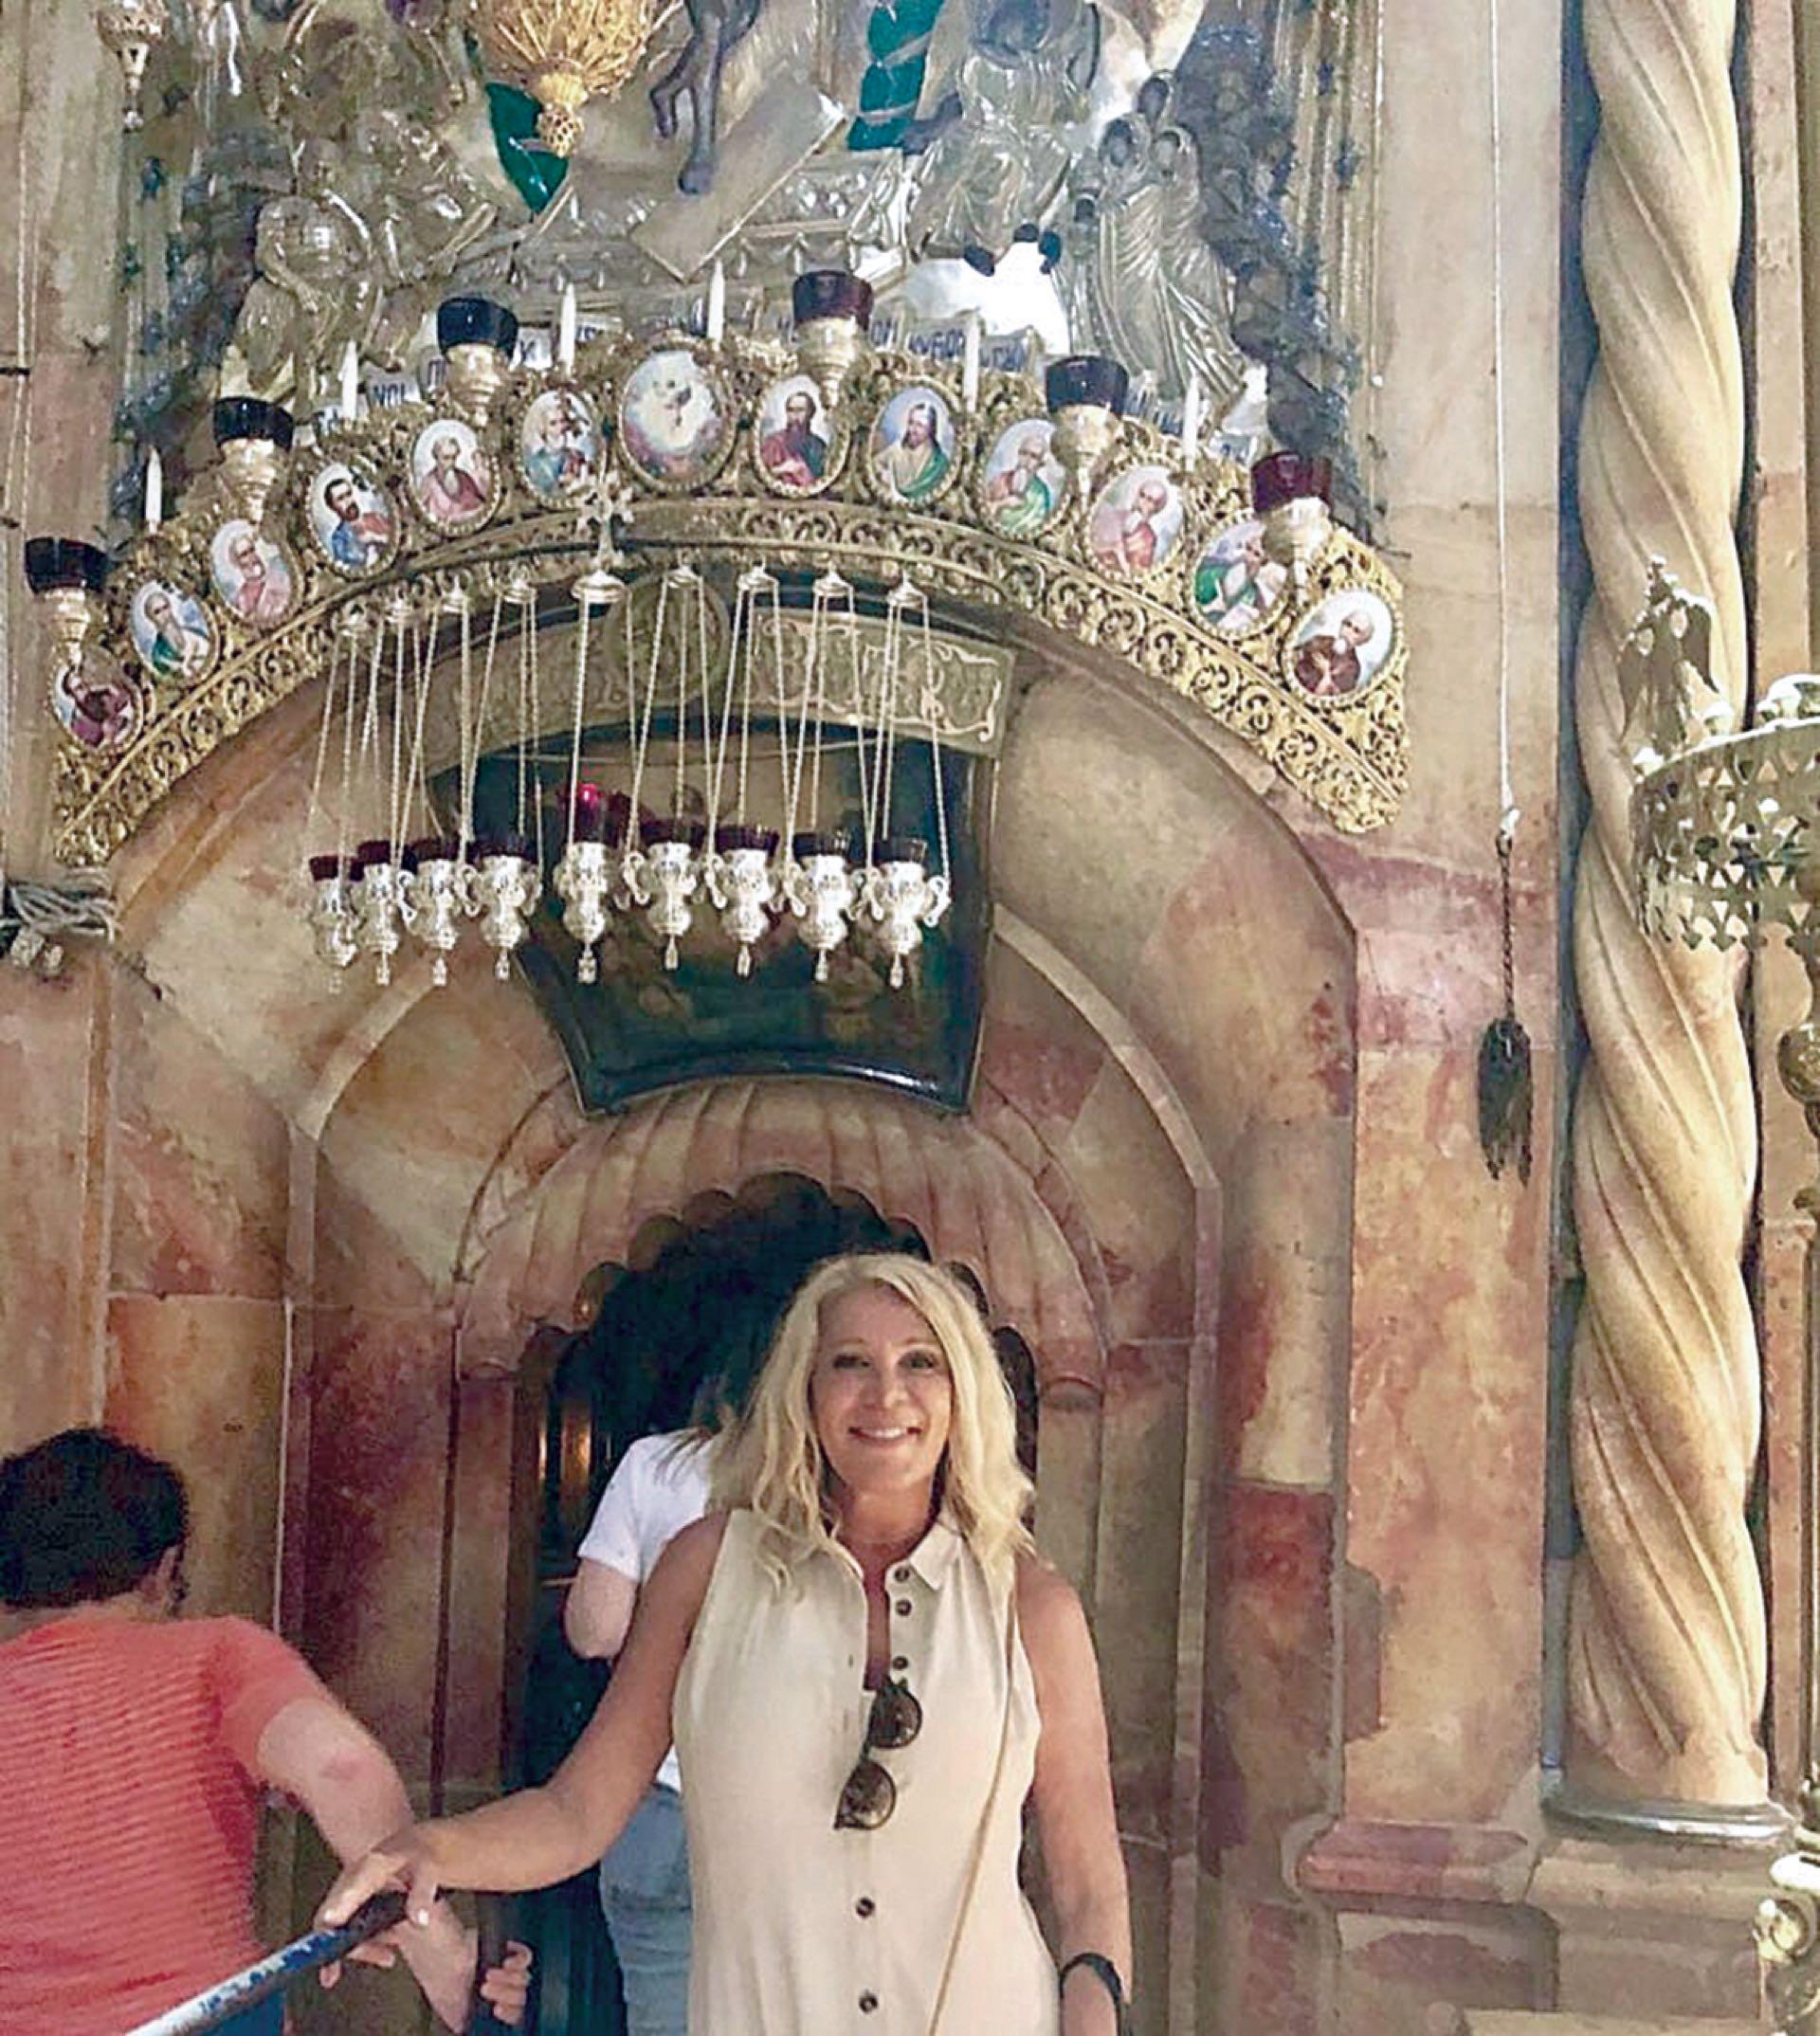 La Iglesia del Santo Sepulcro, levantada donde crucificaron y sepultaron a Jesús.